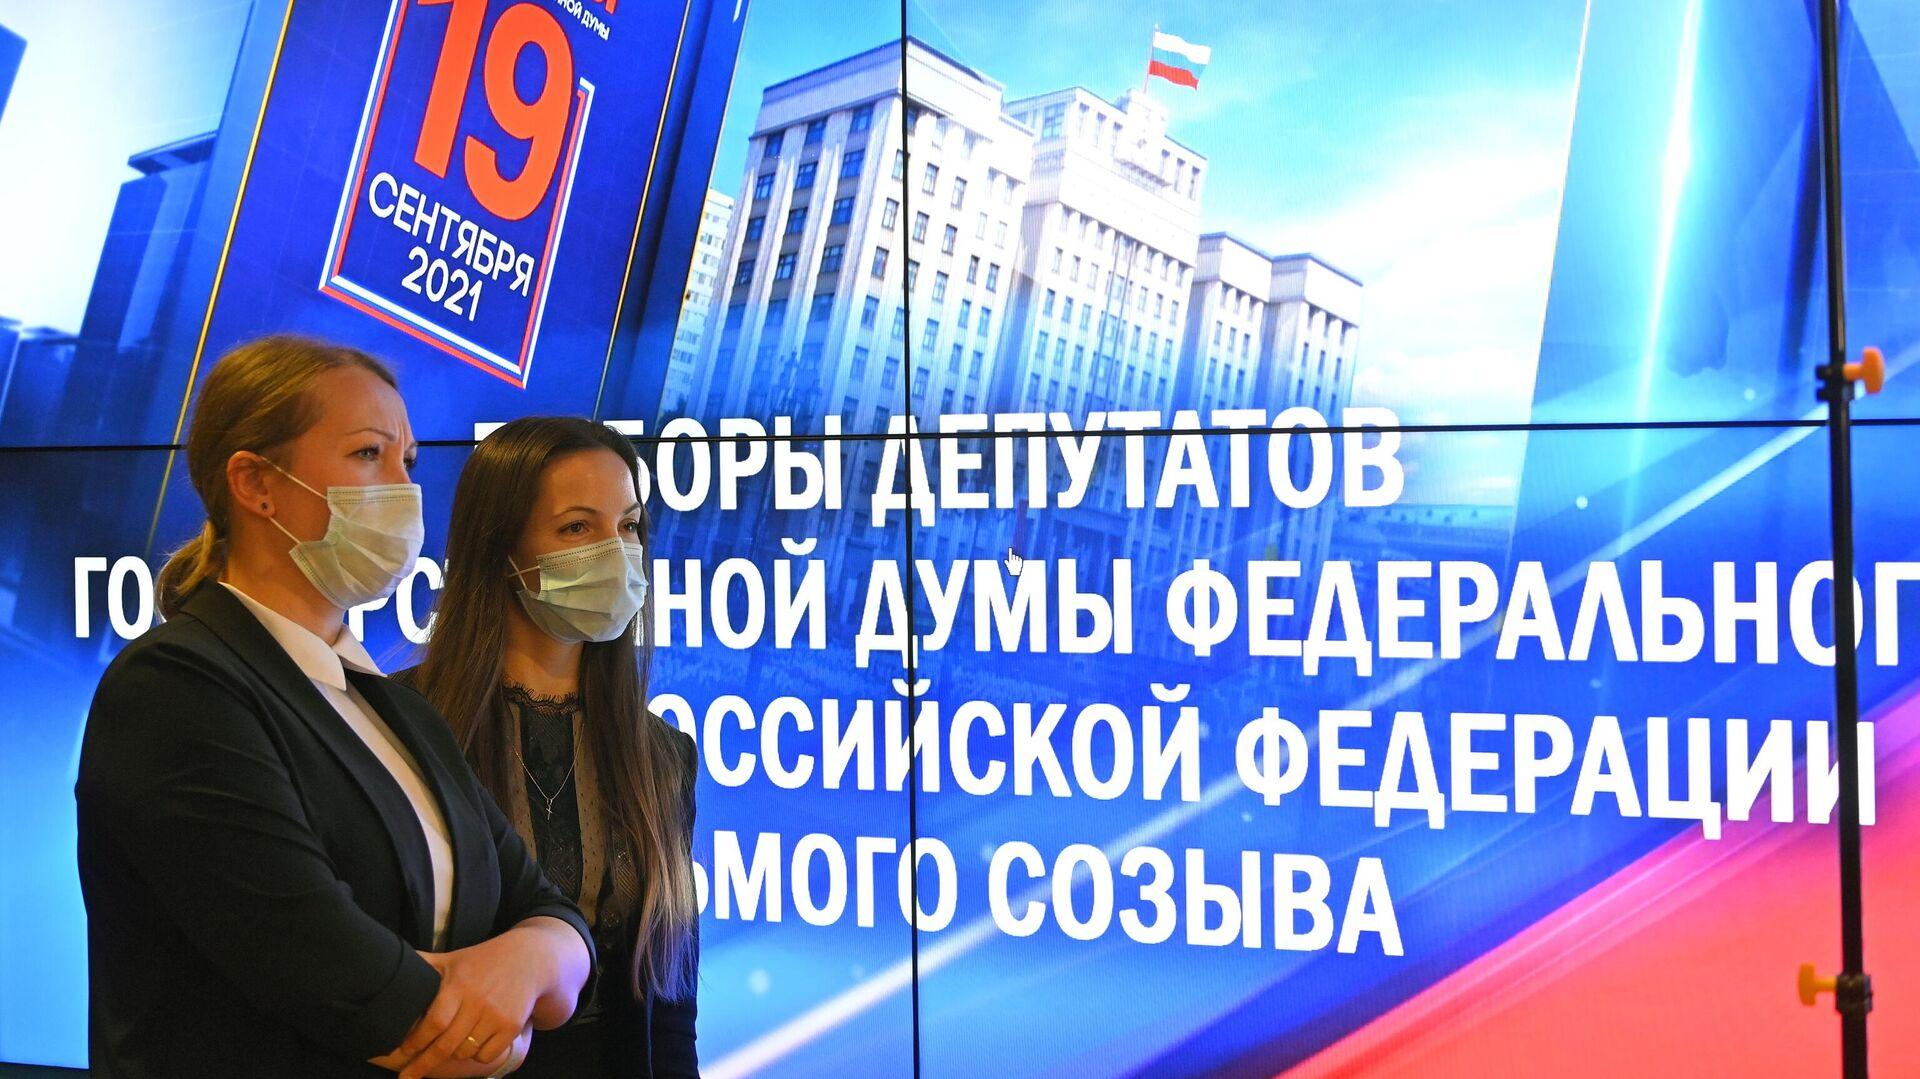 Роскомнадзор зафиксировал большой объем вбросов в выборный период